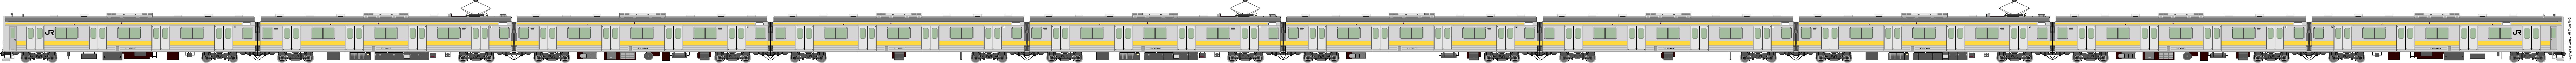 鐵路列車 5573